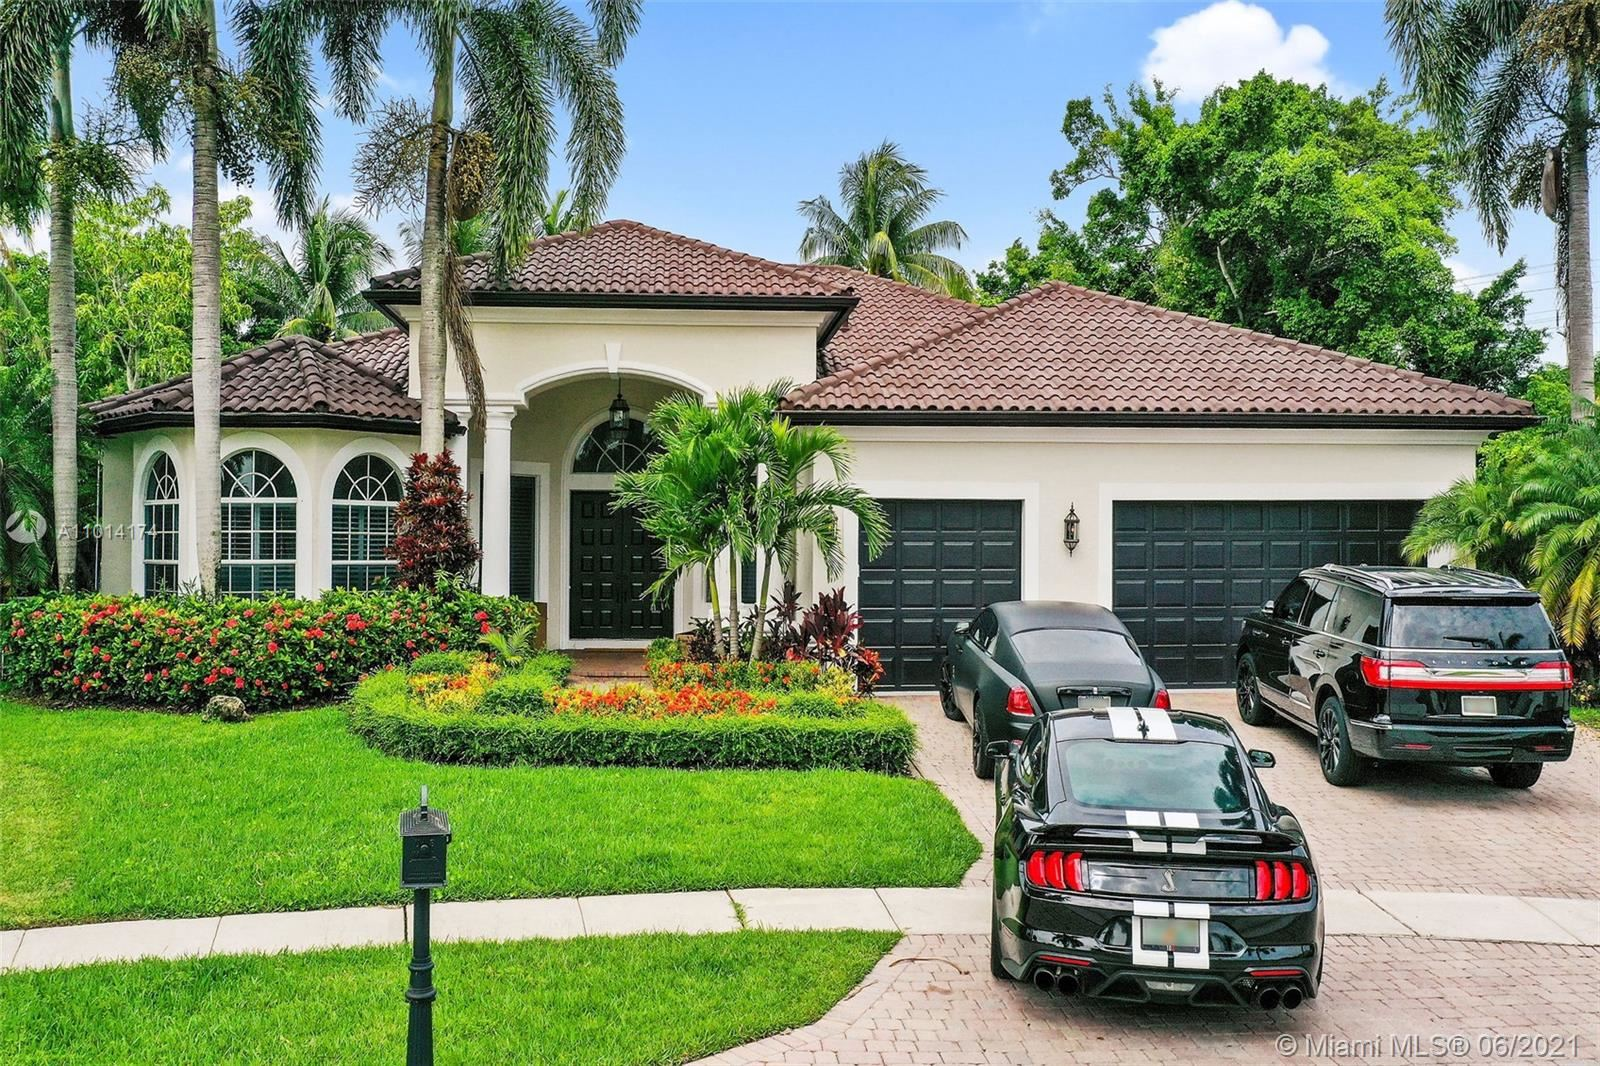 11190 Redhawk St, Plantation, FL 33324 - #: A11014174